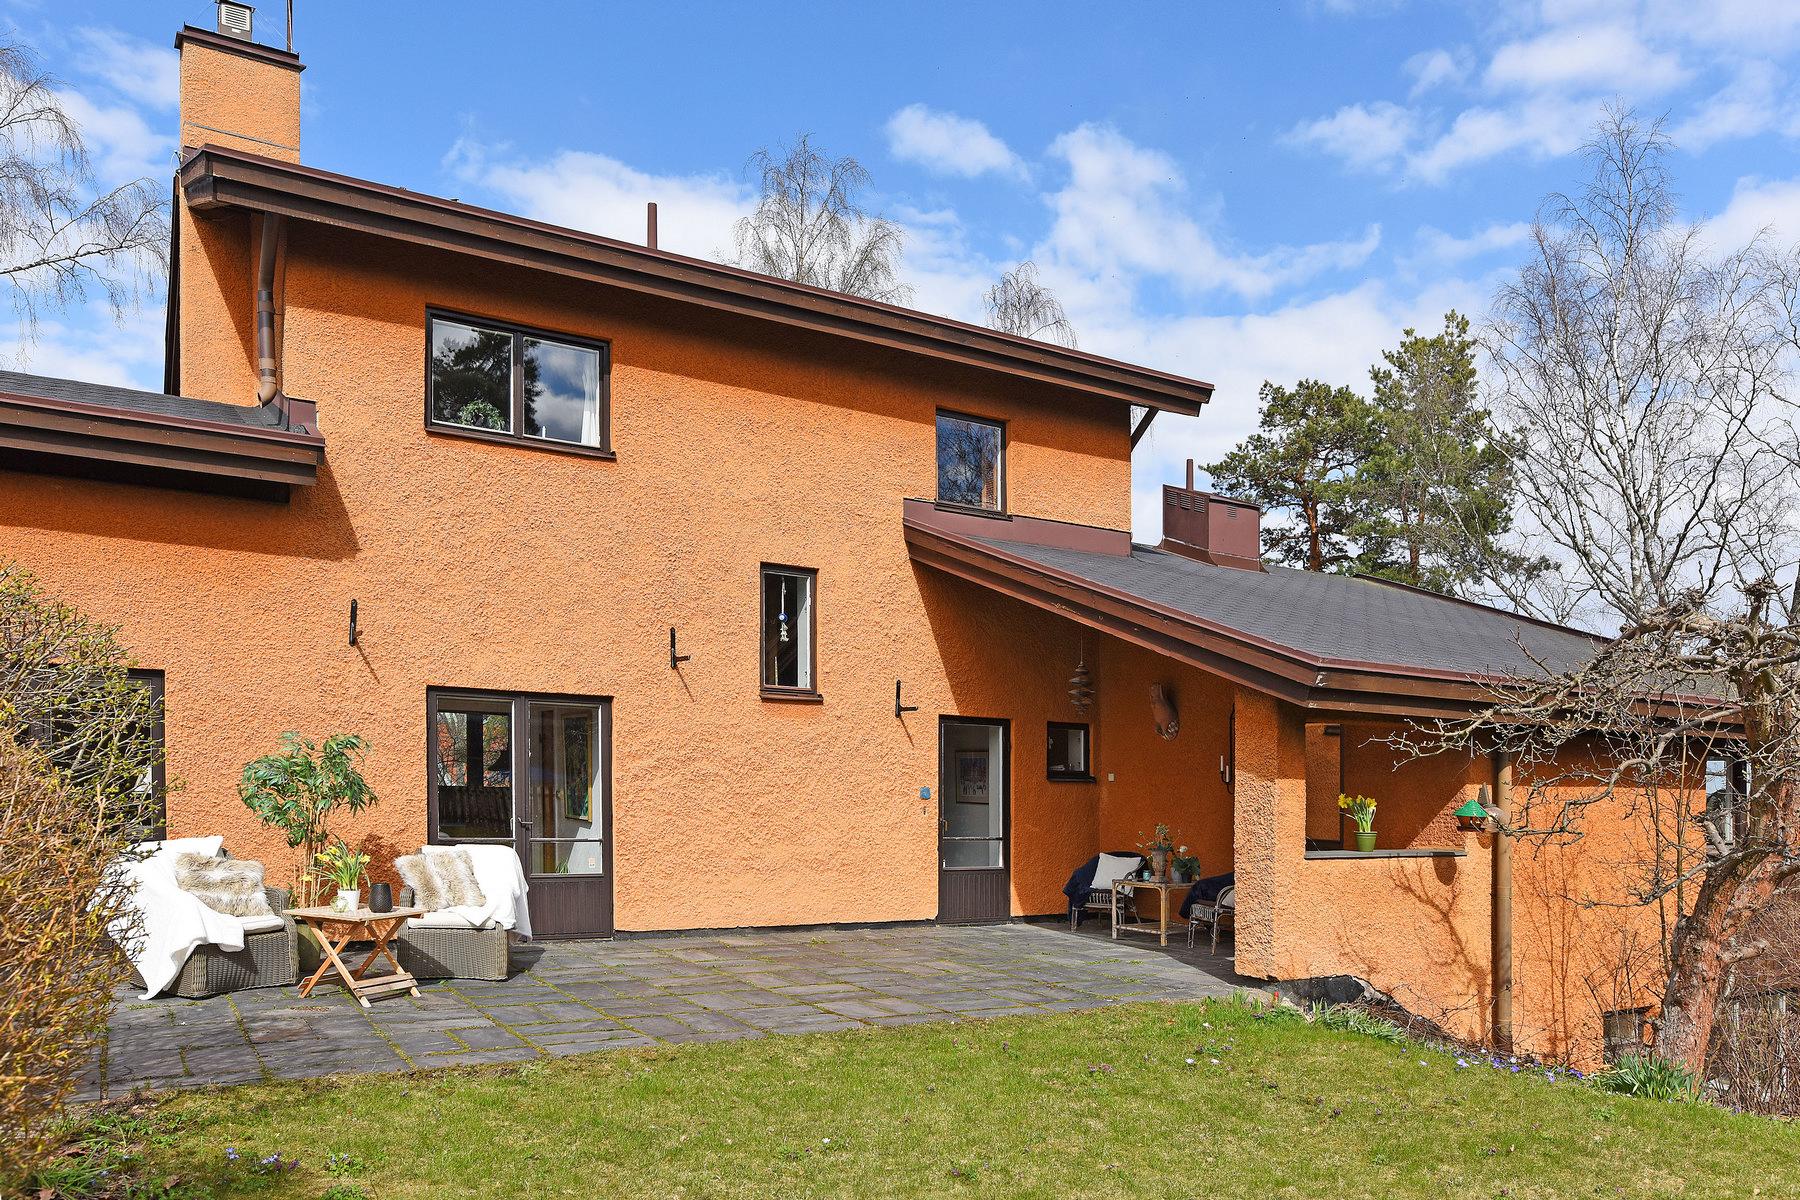 Nhà ở một gia đình vì Bán tại Oskarsstigen 3B - Lidingö Lidingo, Stockholm, 181 32 Thụy Điển